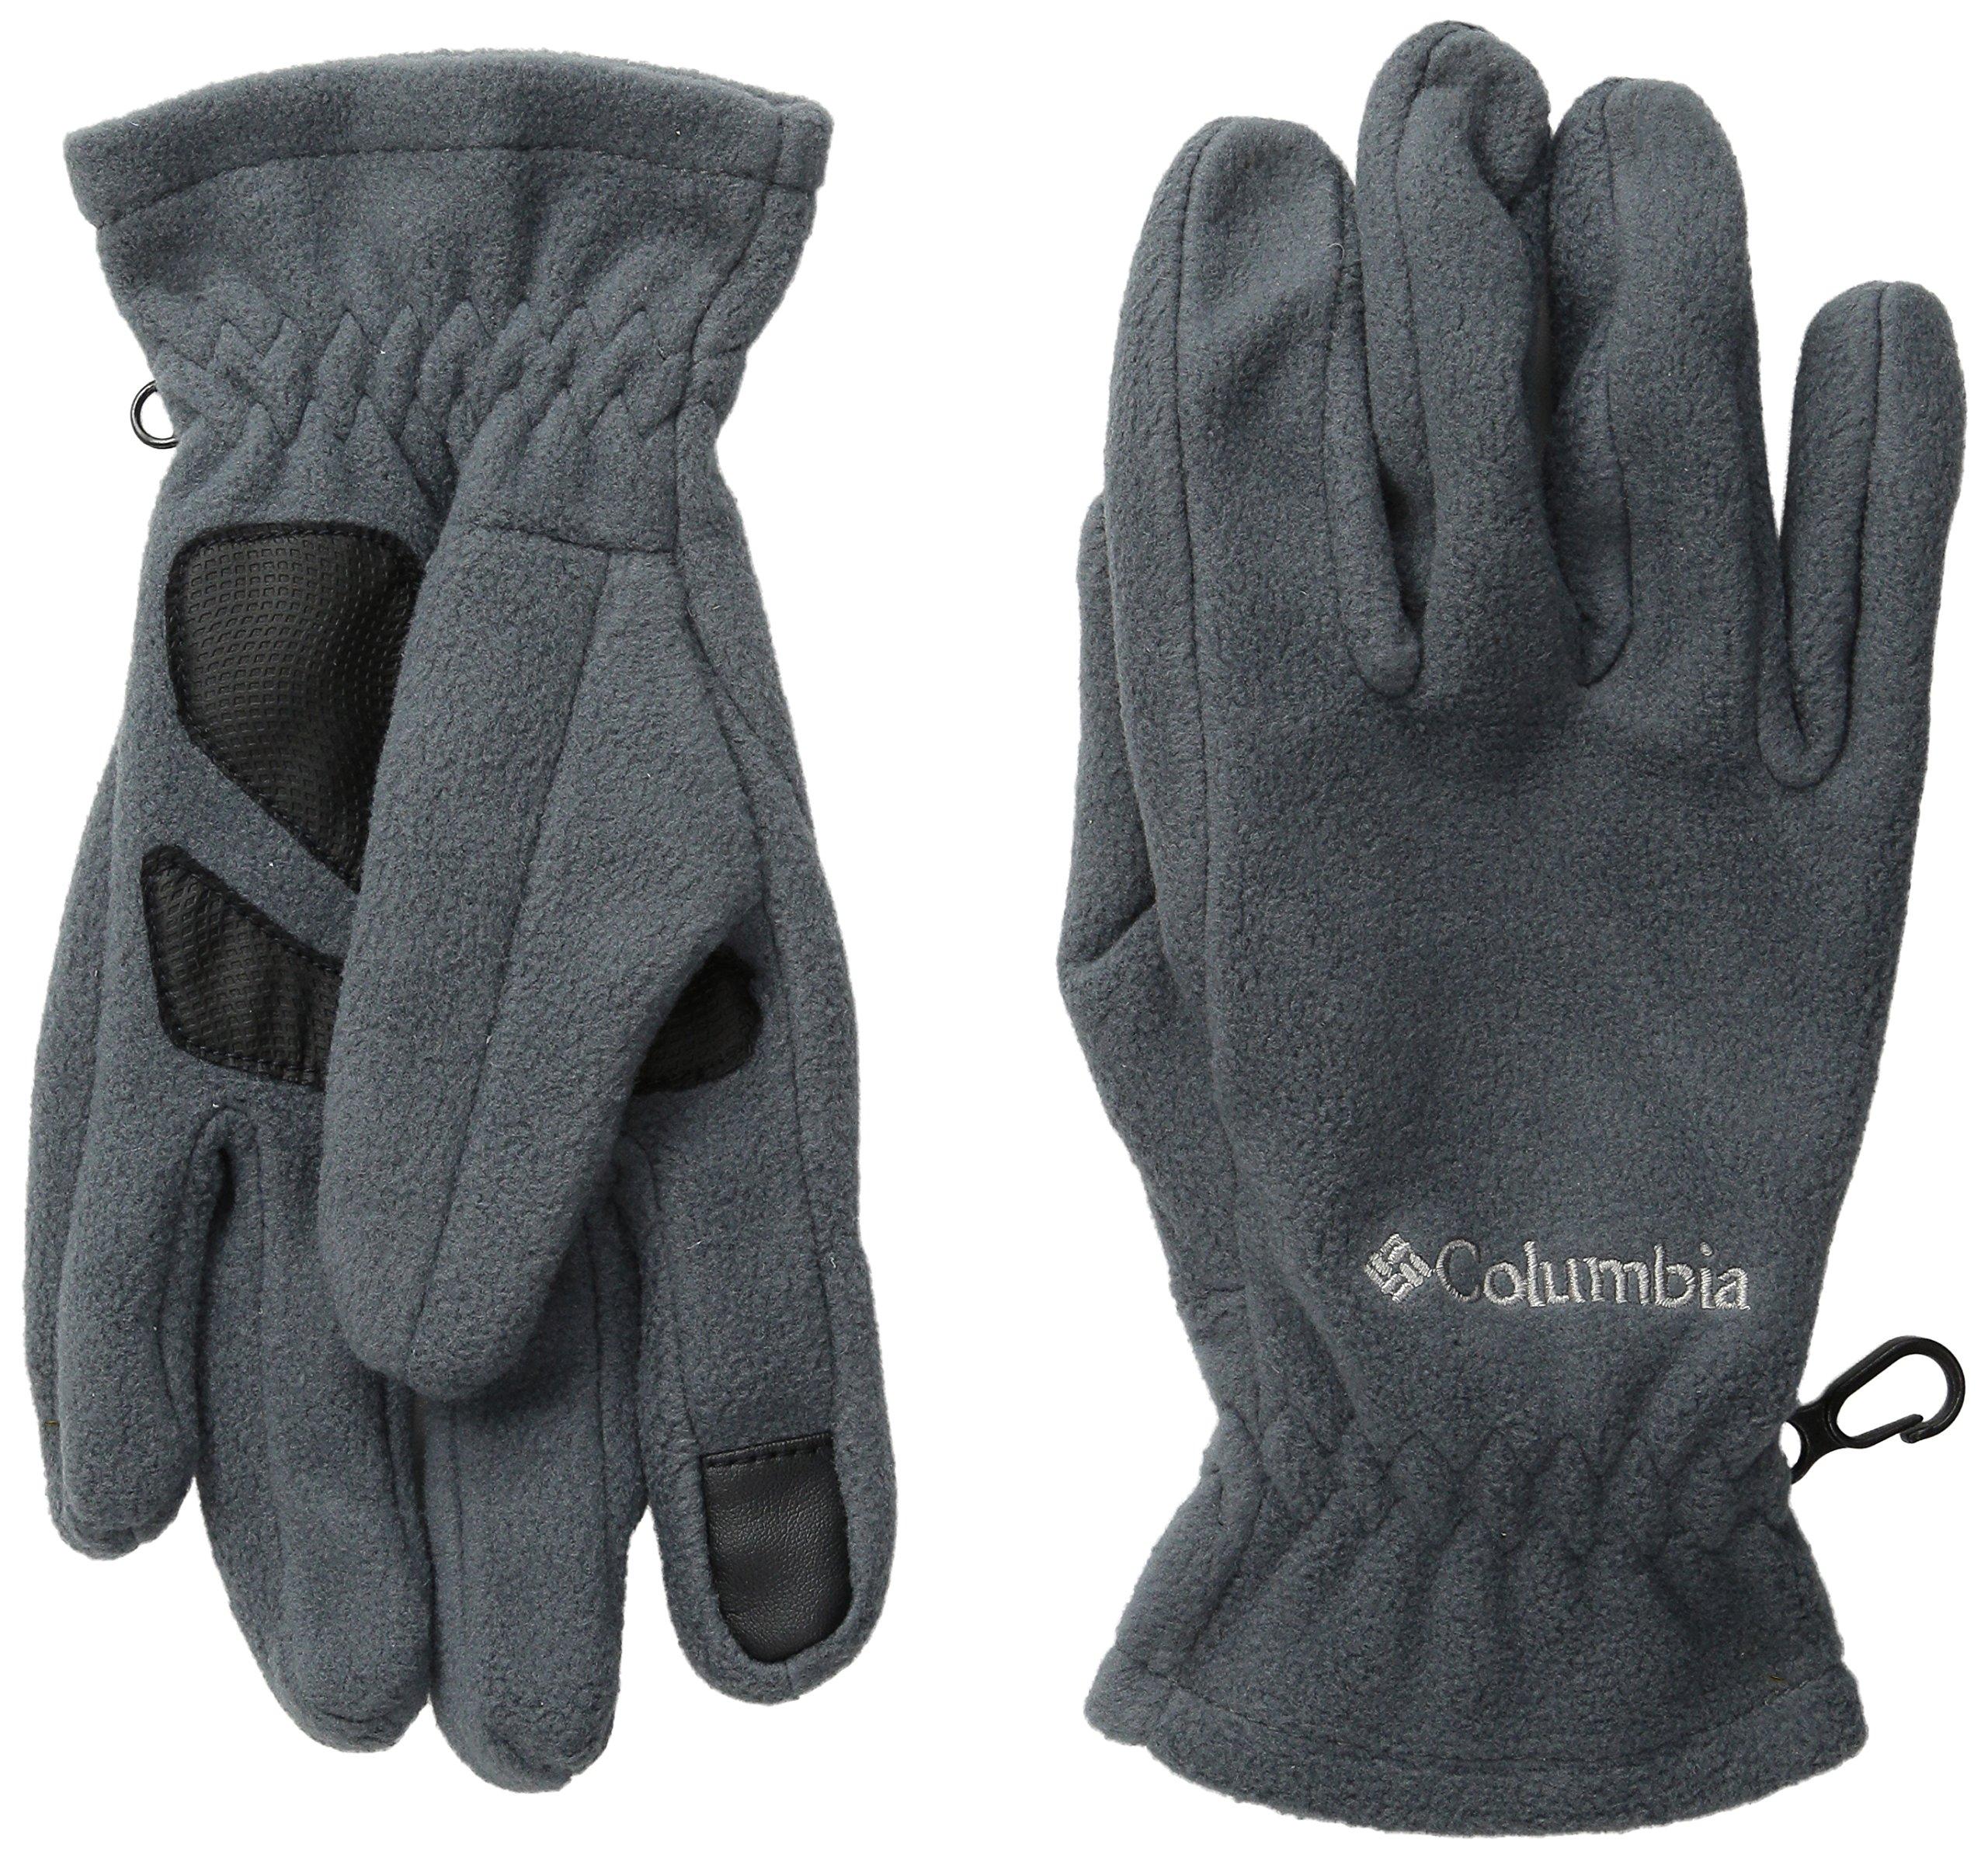 Columbia Women's Thermarator Glove, Graphite, Medium